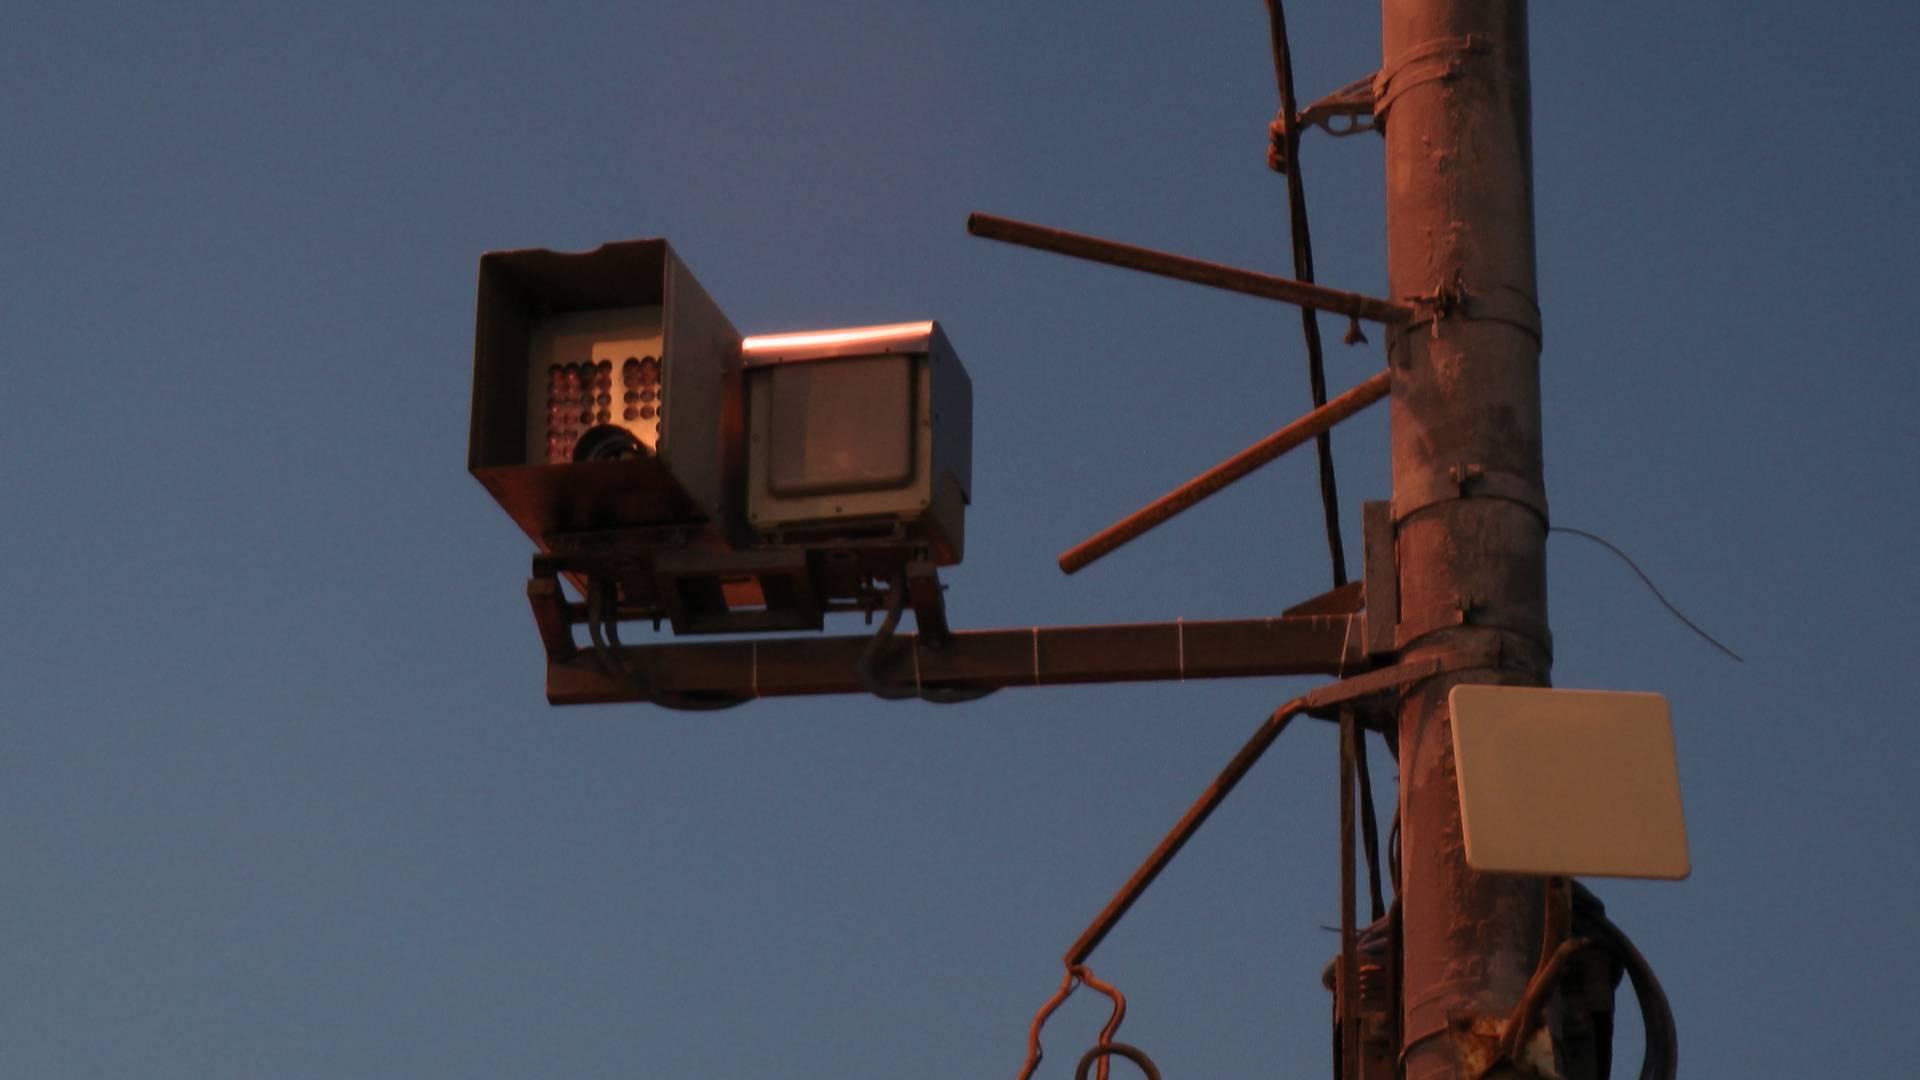 Камера контроля и видеофиксации нарушения ПДД ГИБДД